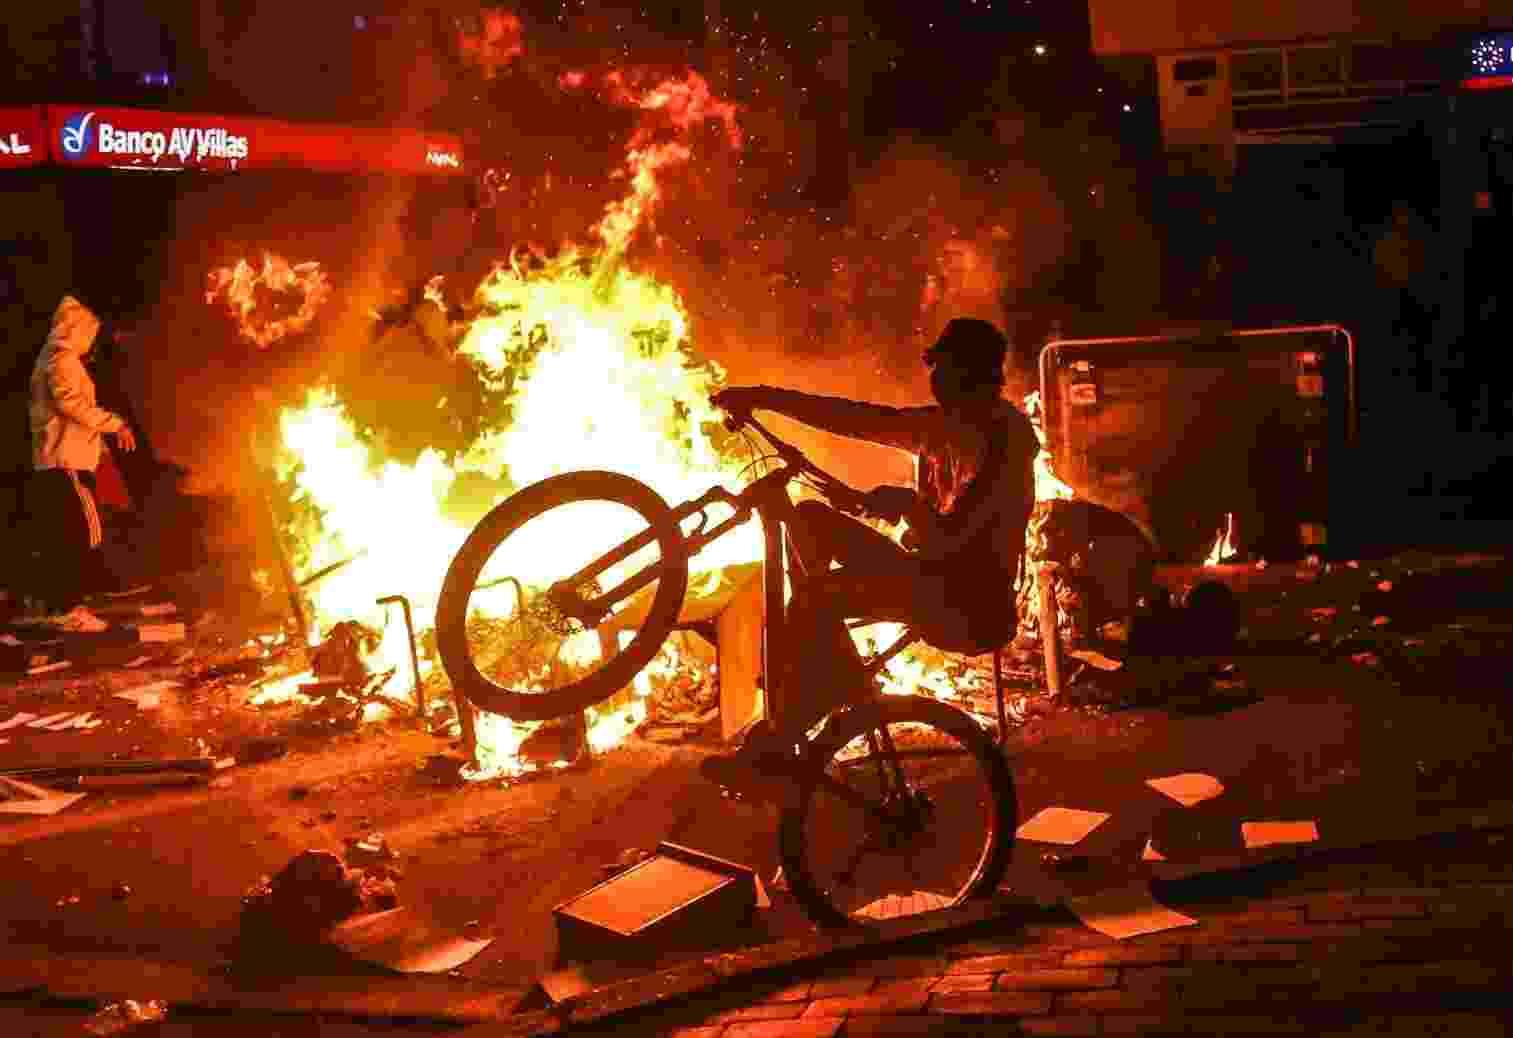 Segundo as autoridades locais, lixeiras foram incendiadas e veículos foram destruídos - STR/AFP